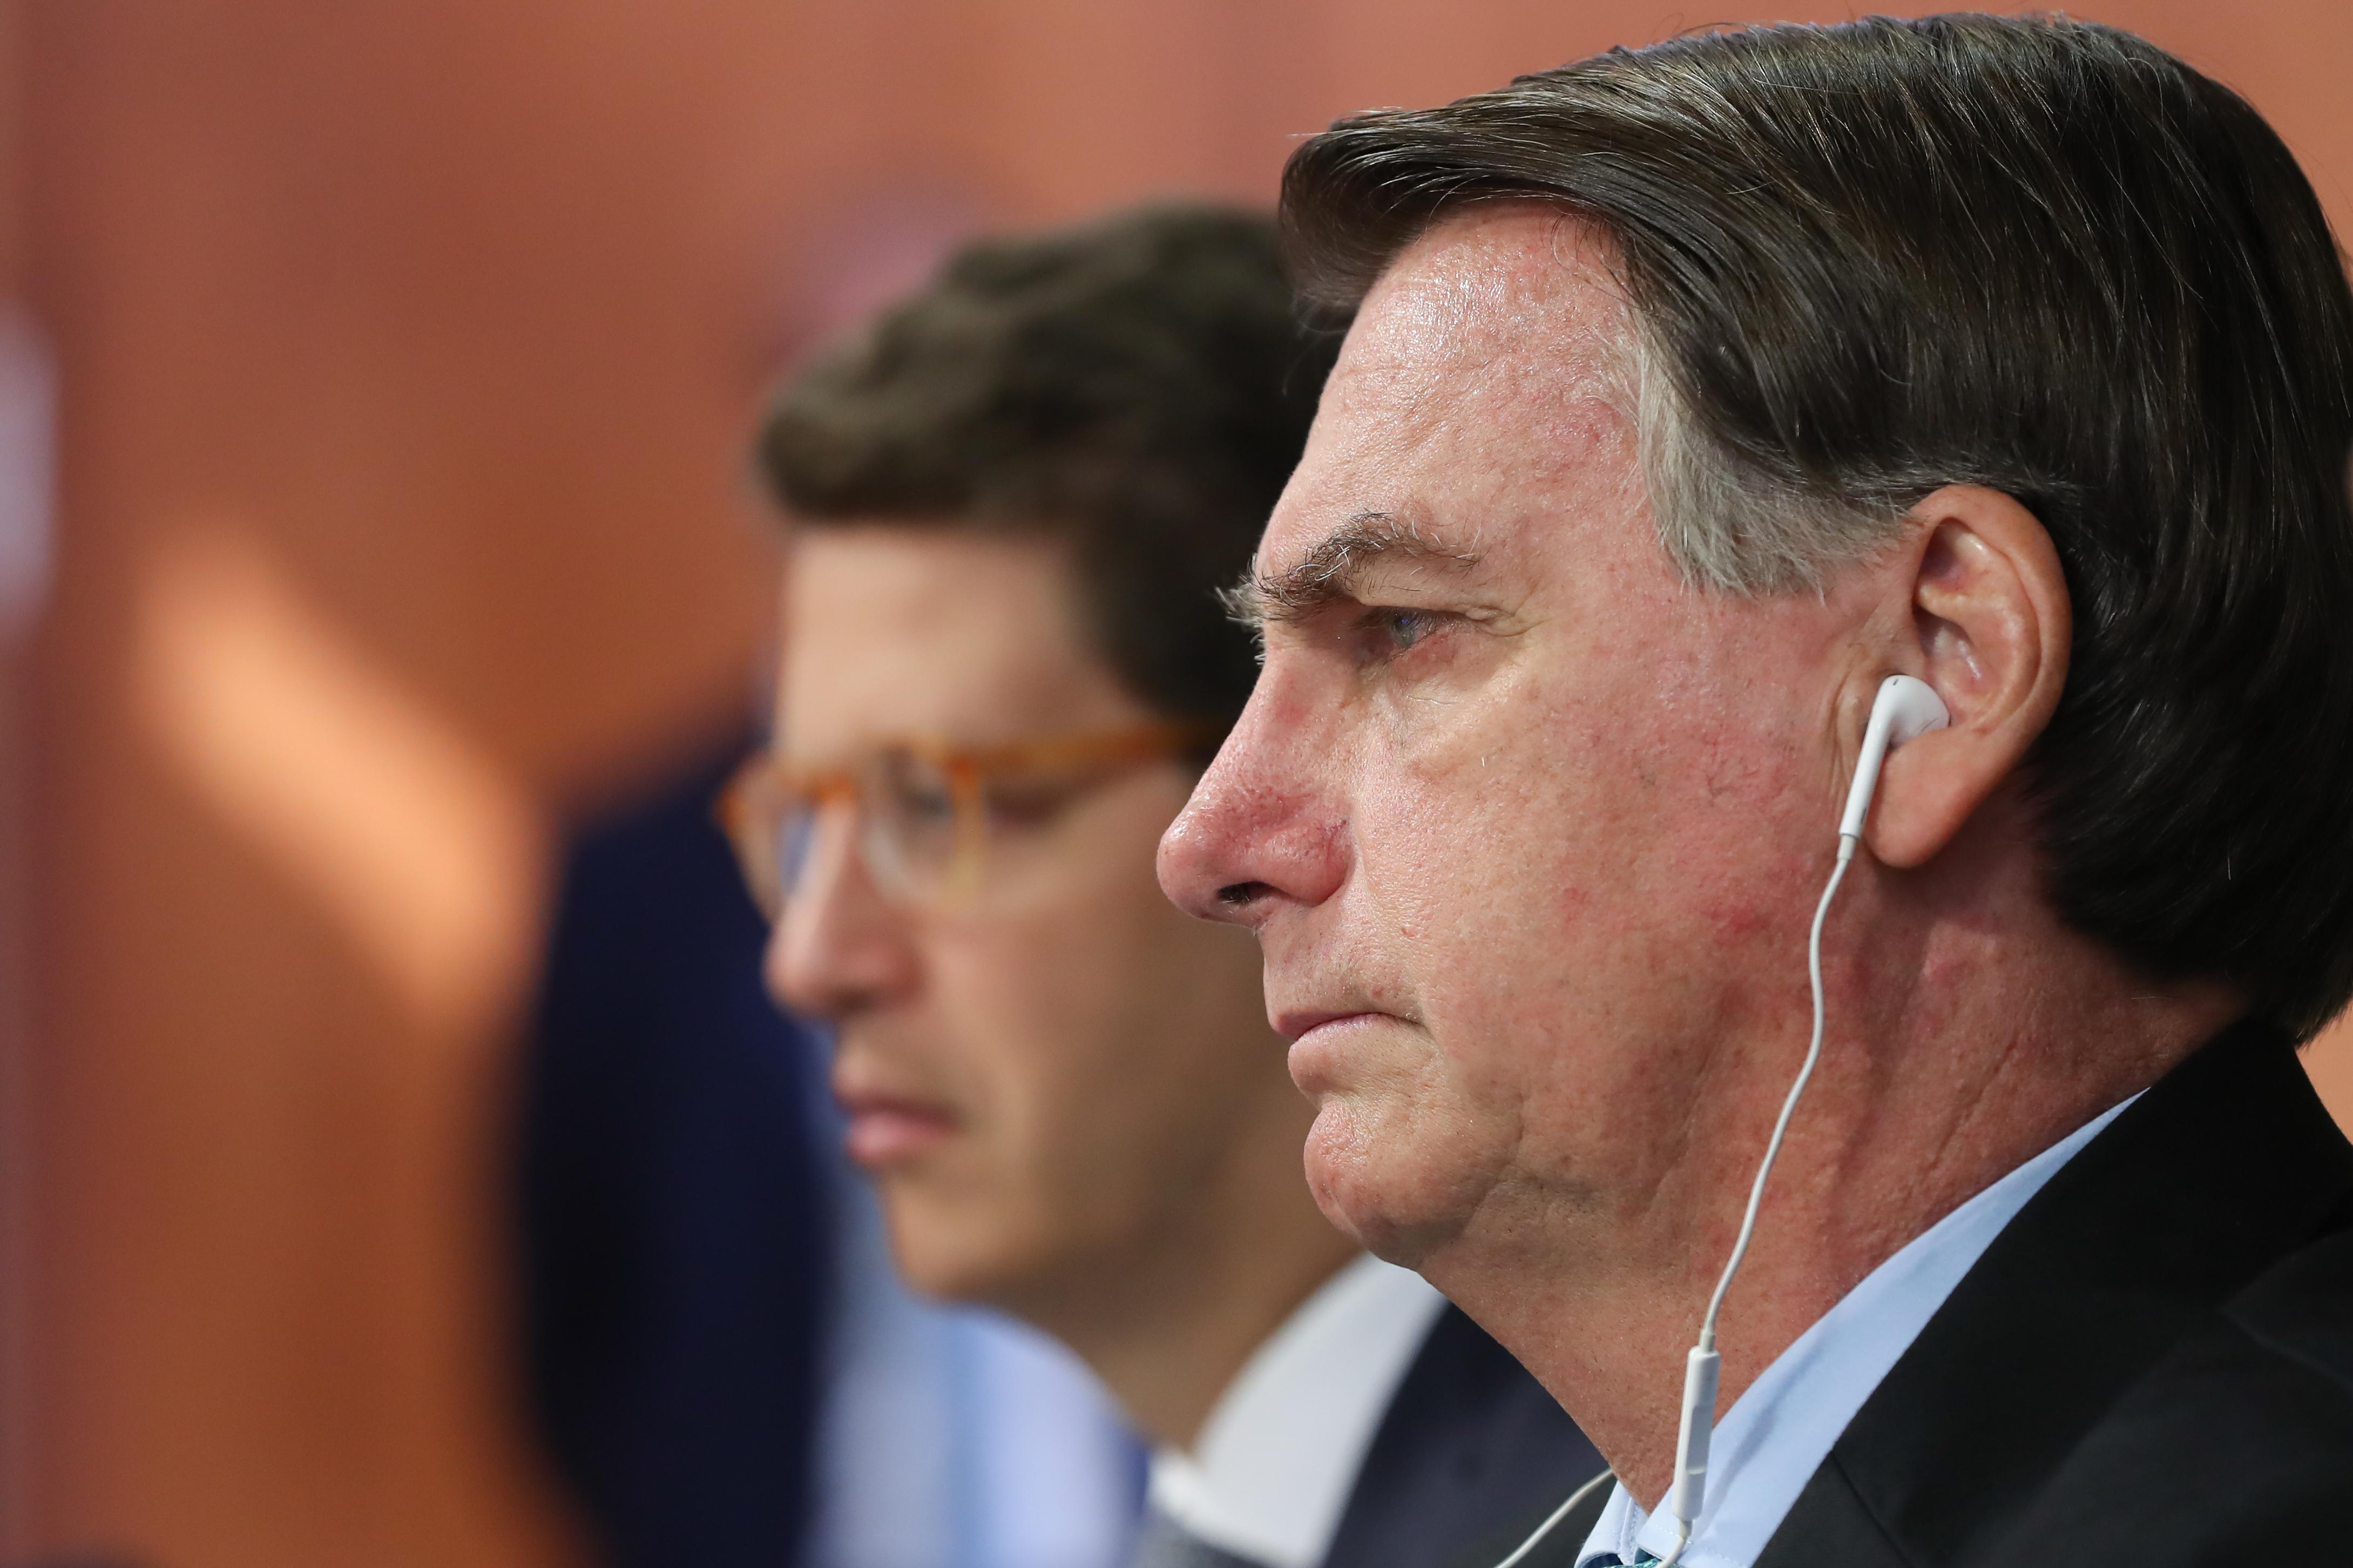 IMAGEM: EUA dizem que discurso de Bolsonaro agrada, mas faltam 'planos sólidos'